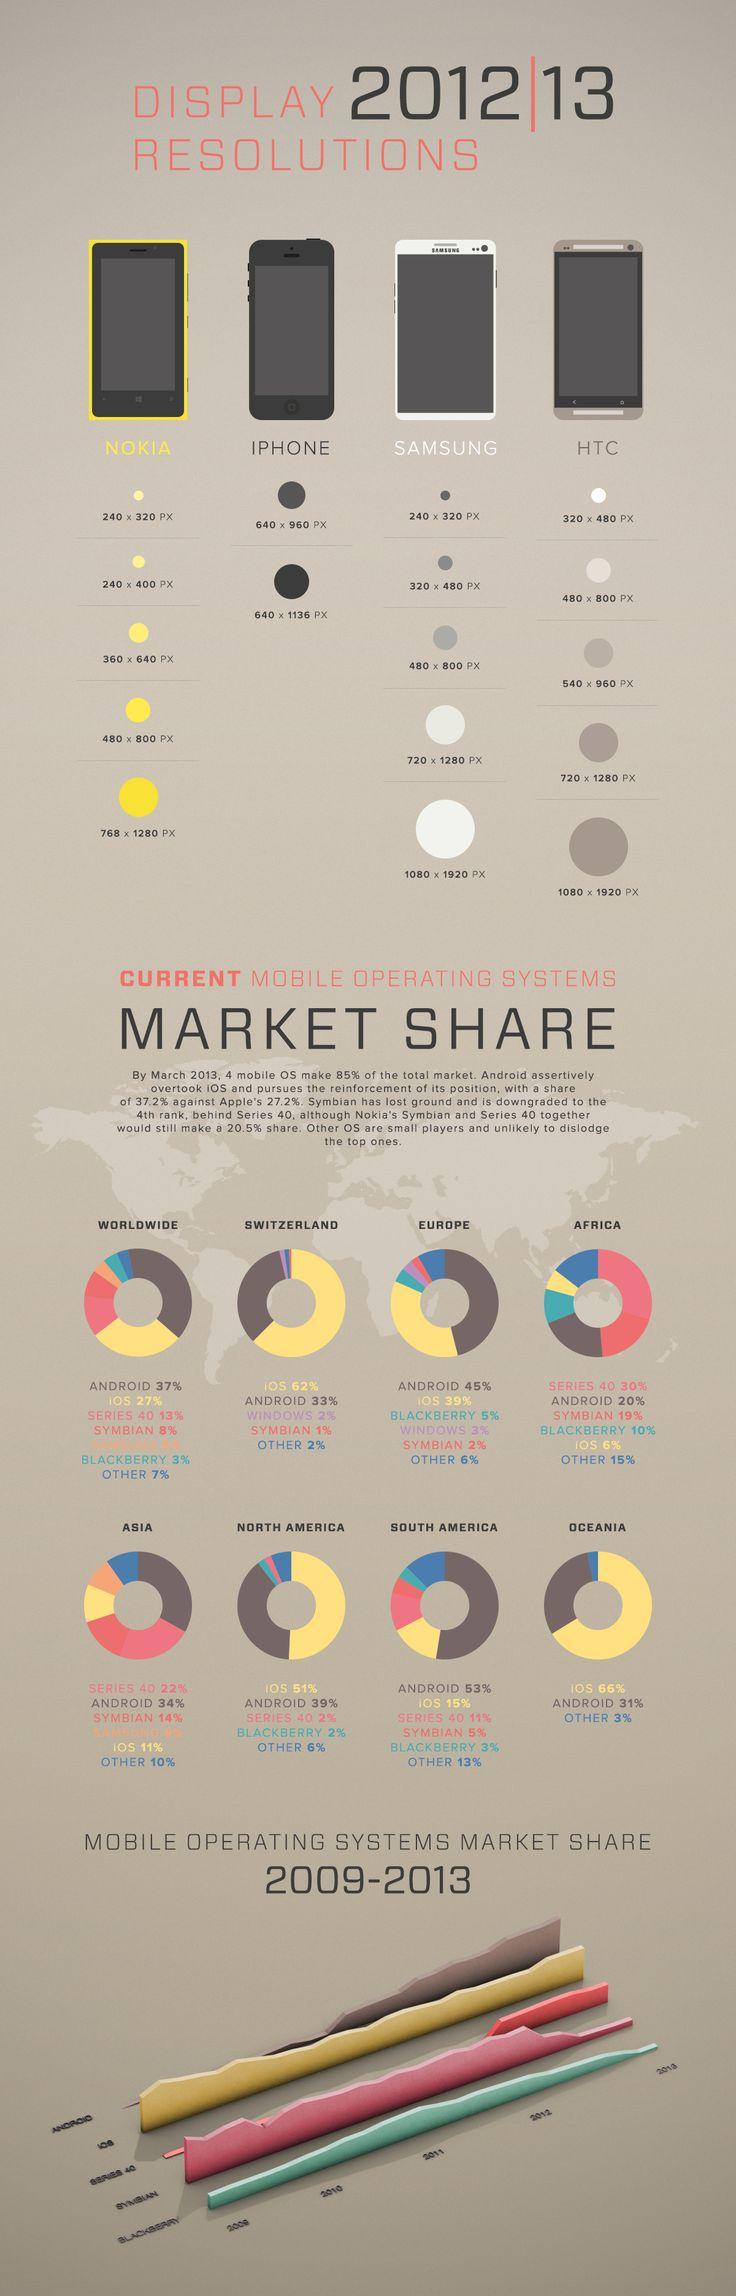 Une belle infographie sur les 4 principaux types de smartphones utilisés dans le monde.